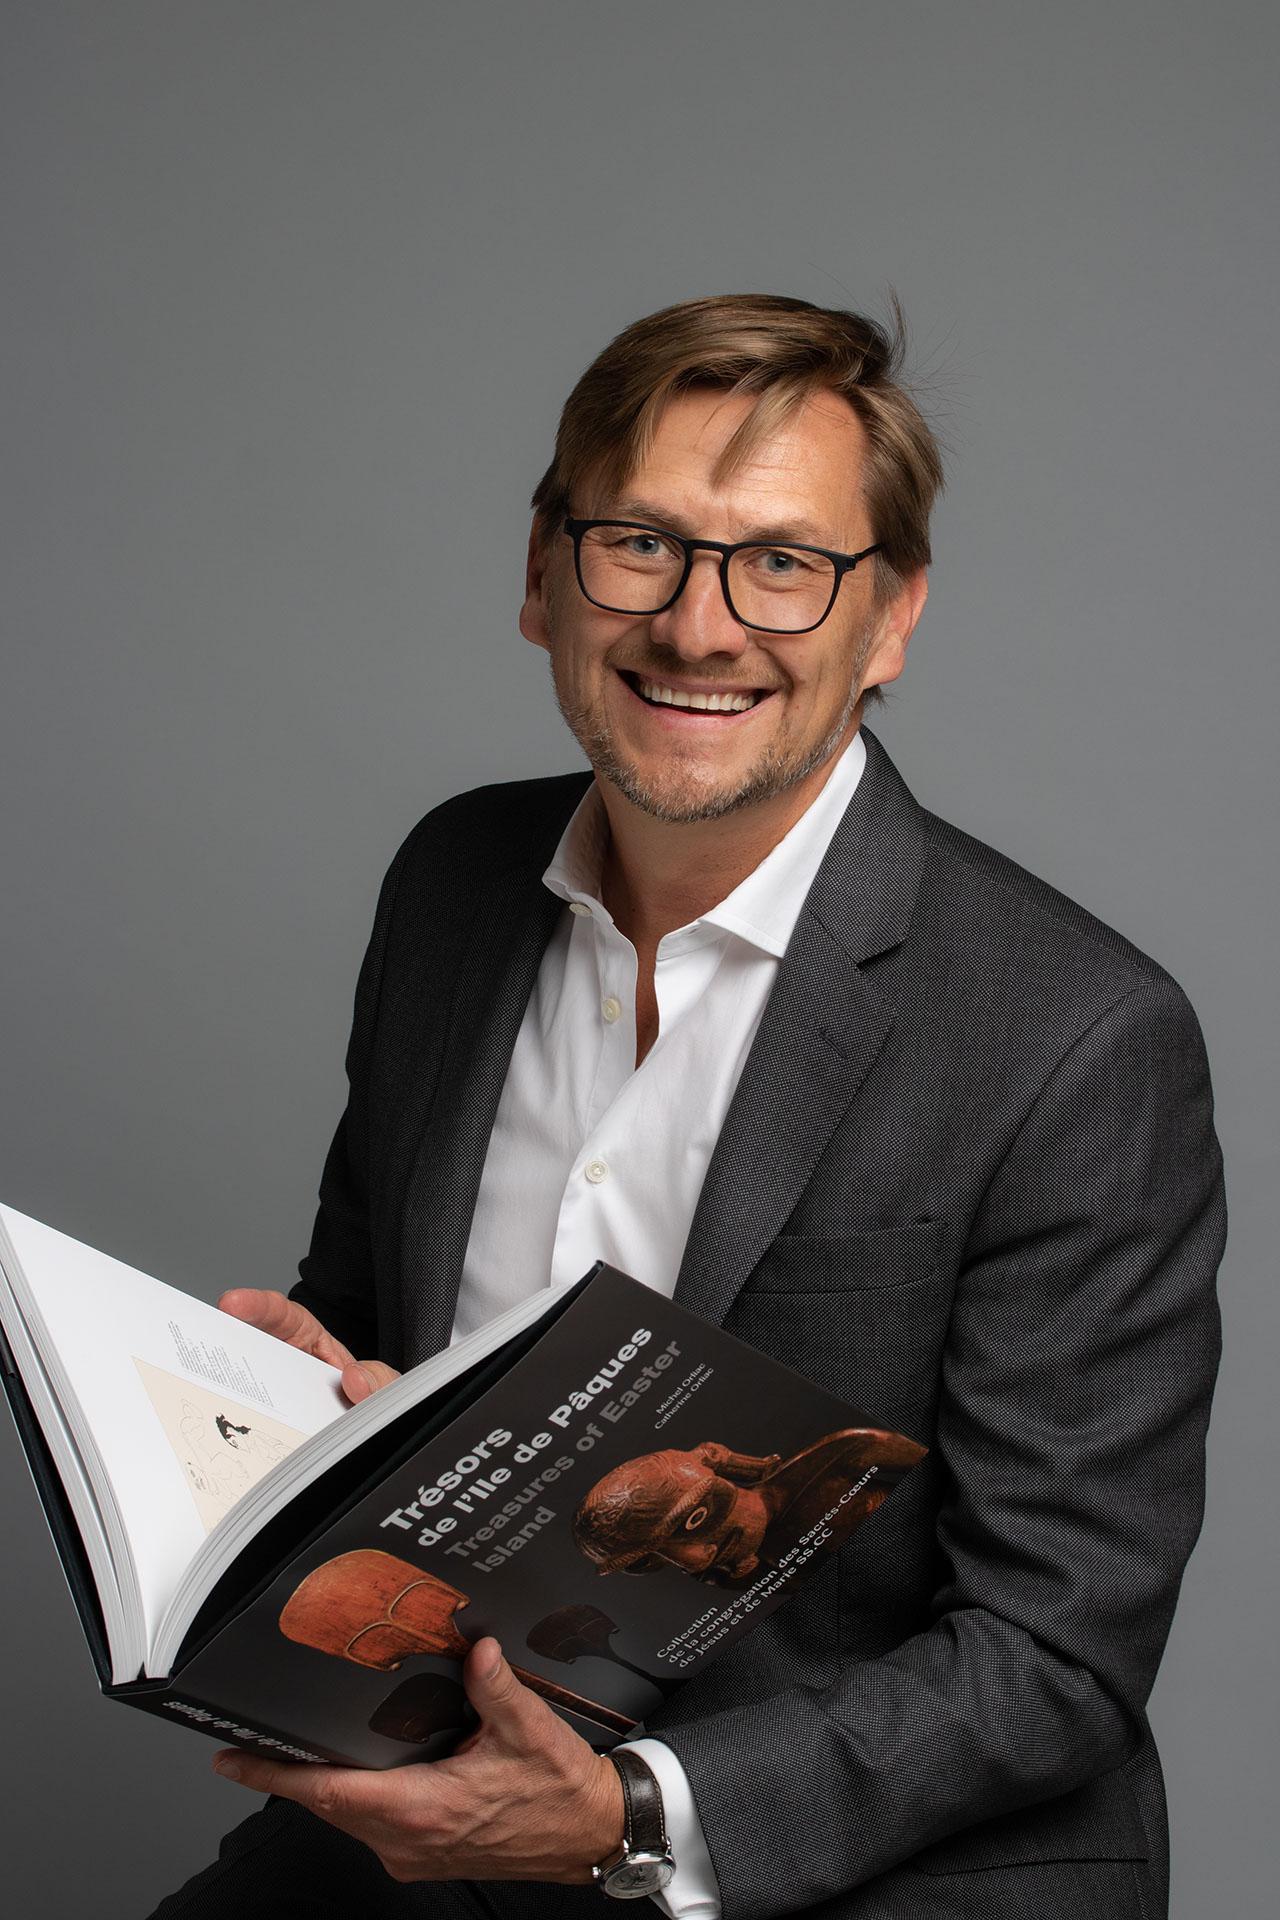 Frédéric Dawance | Fondateur Editions D | Associé-gérant du groupe de Pury Pictet Turrettini